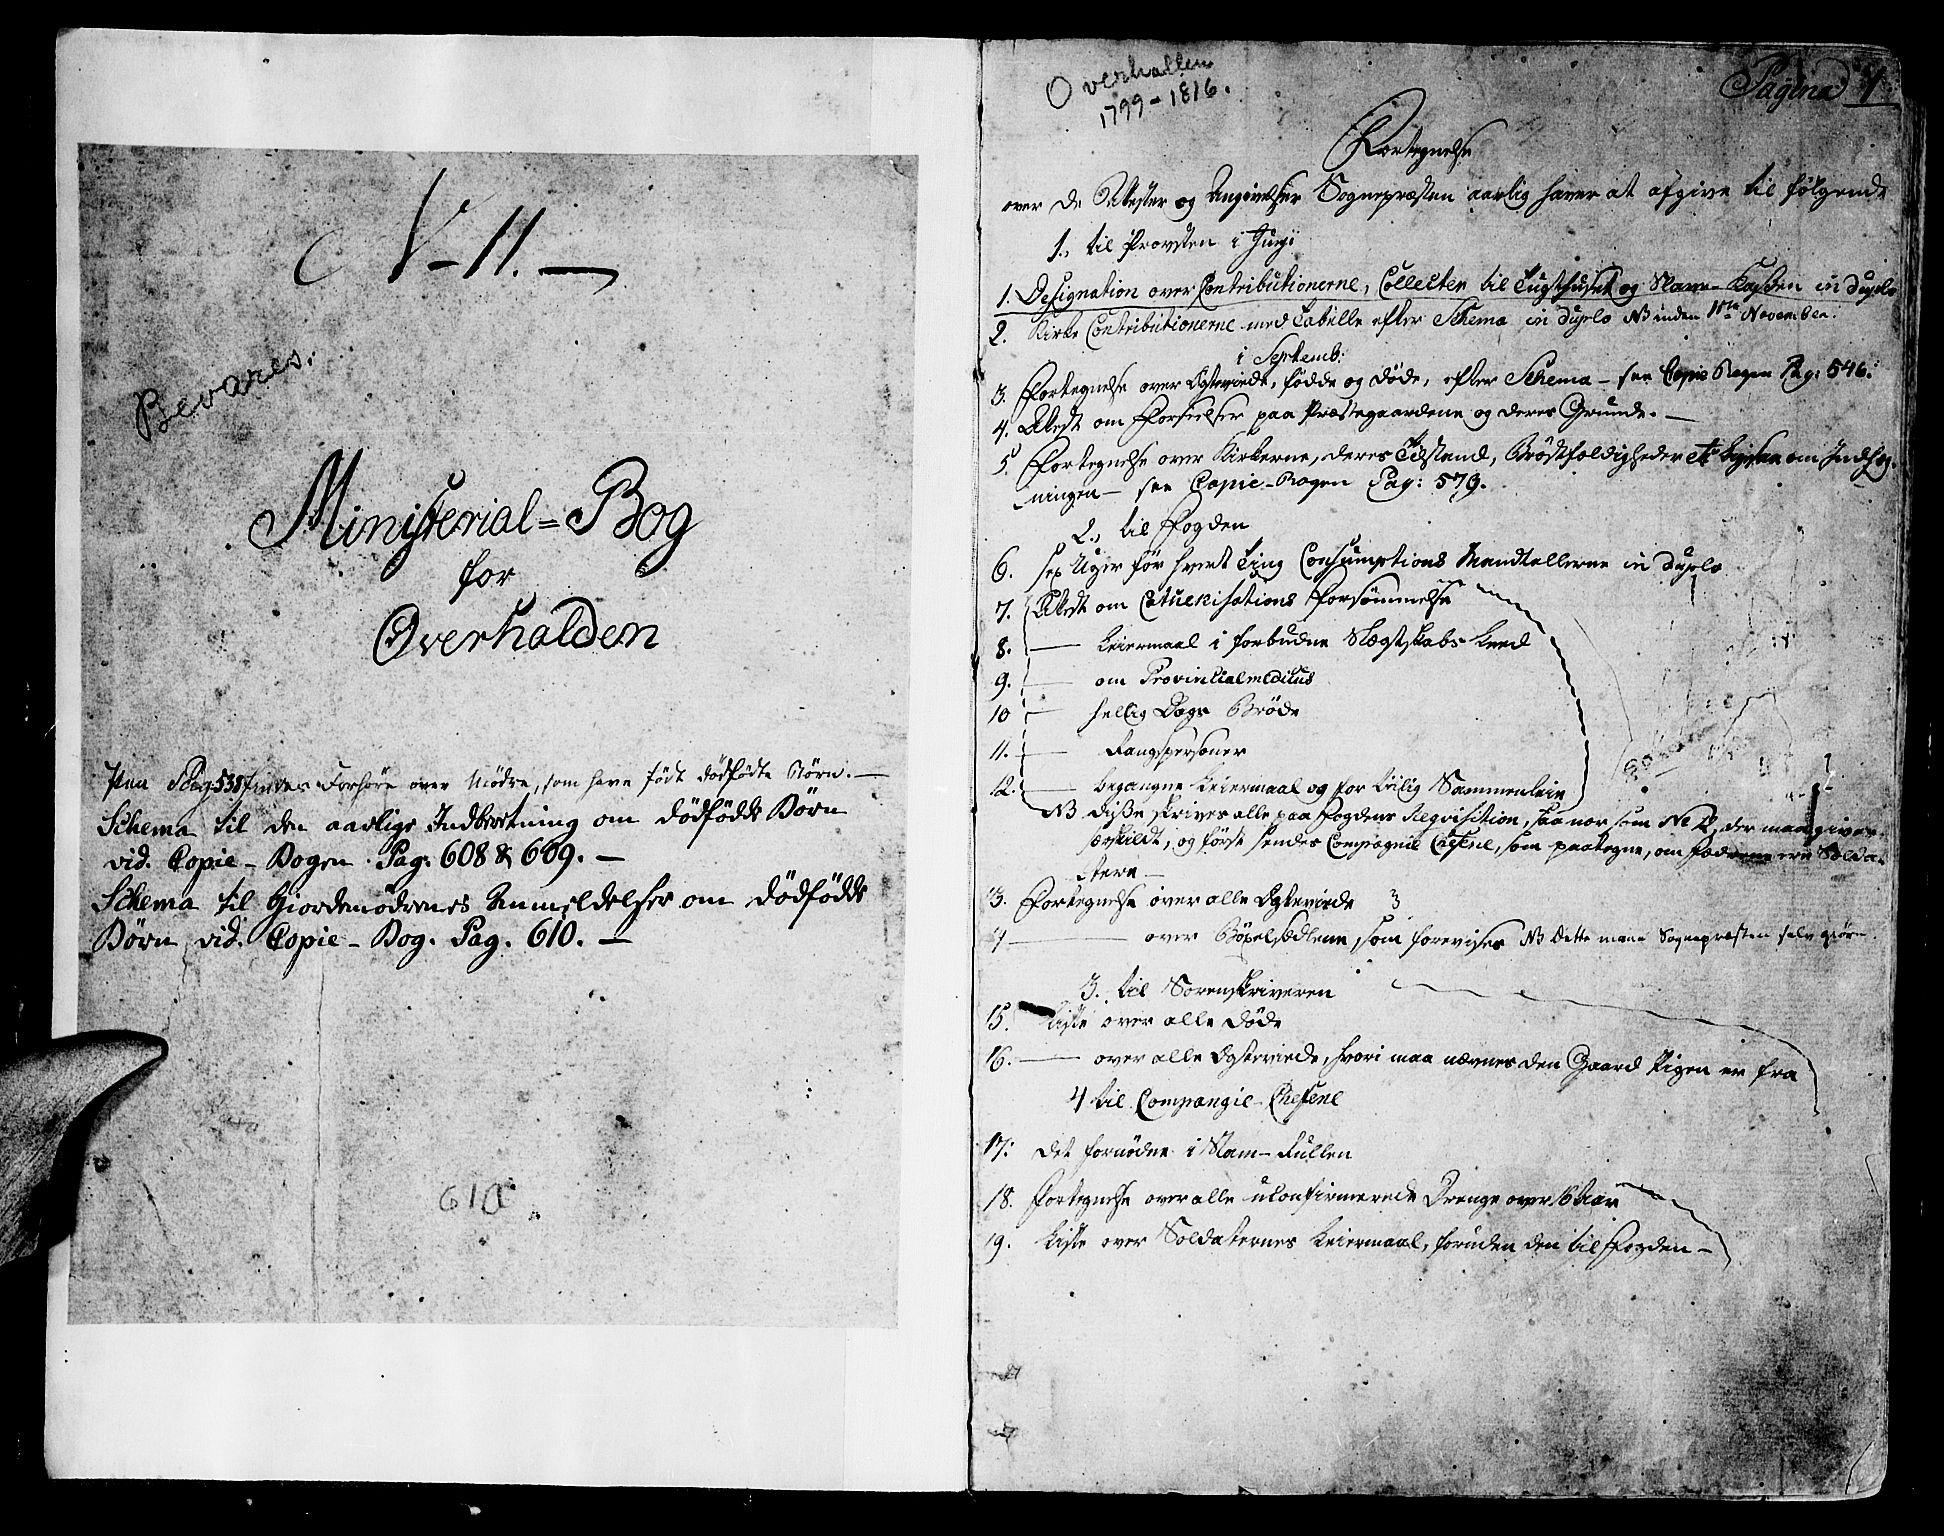 SAT, Ministerialprotokoller, klokkerbøker og fødselsregistre - Nord-Trøndelag, 764/L0545: Ministerialbok nr. 764A05, 1799-1816, s. 0-1